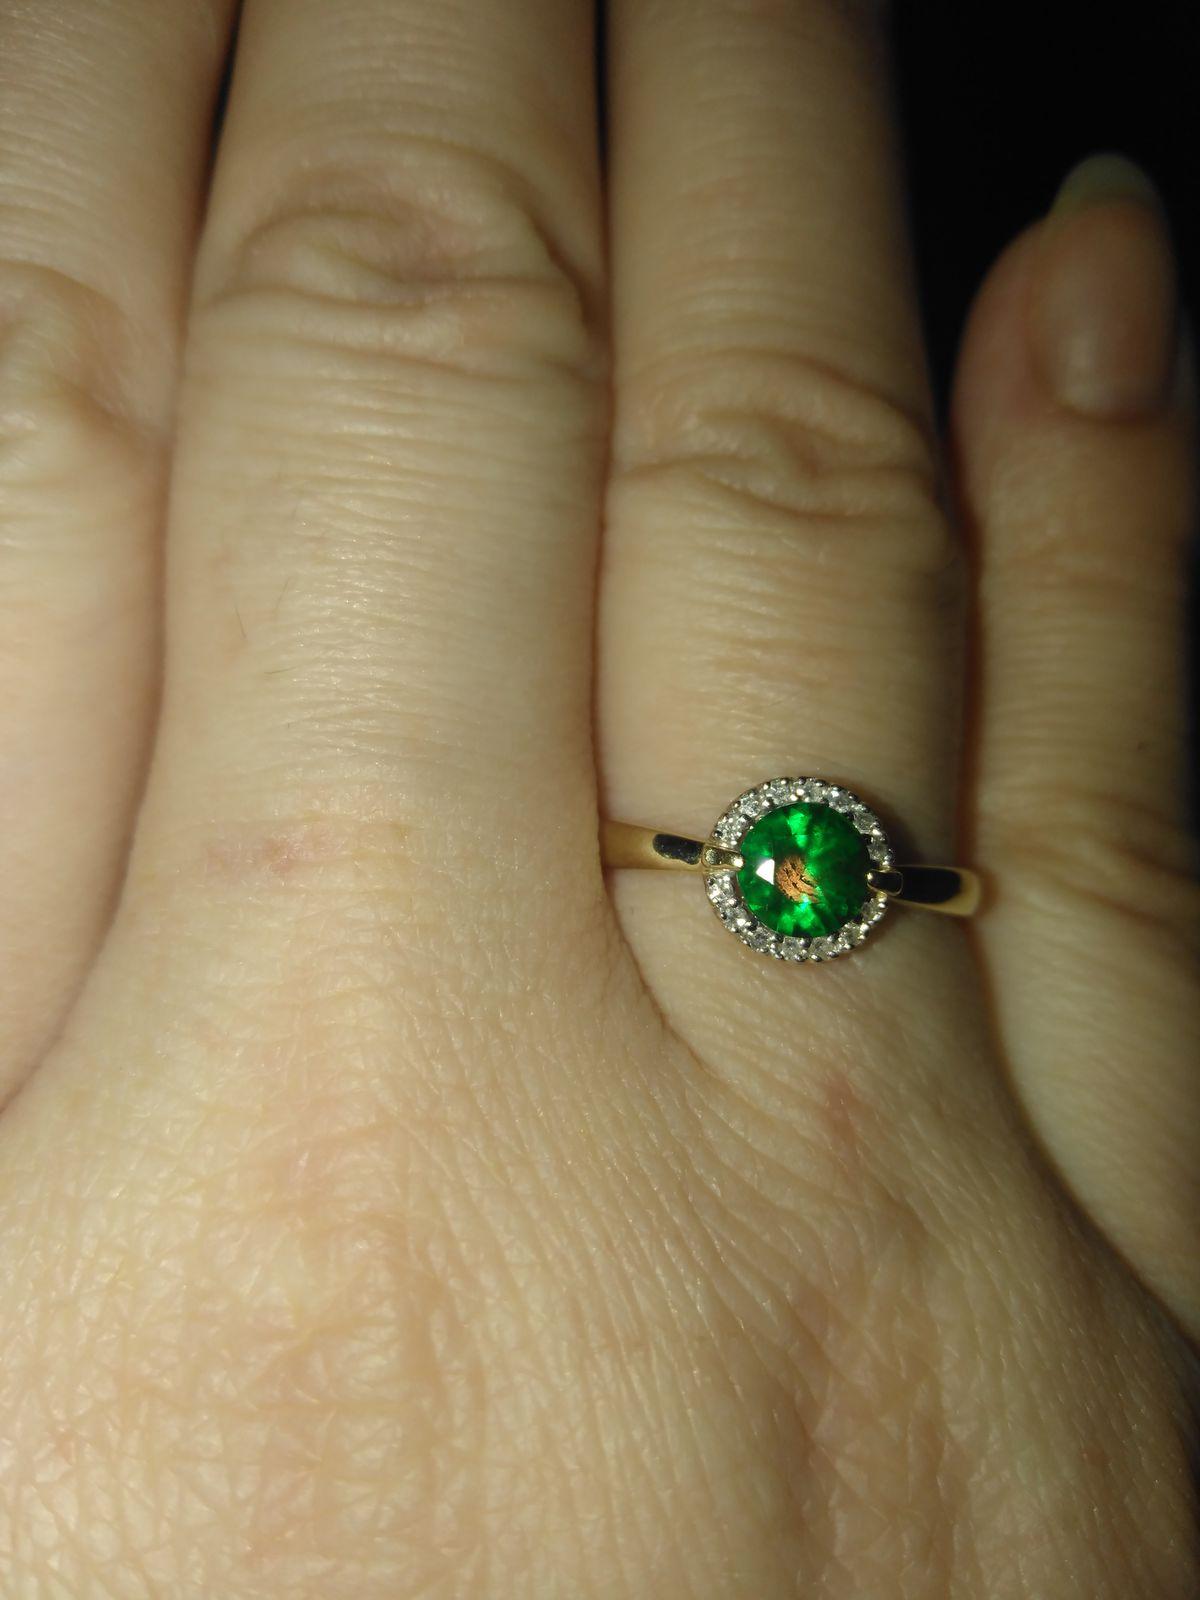 Очень красивое кольцо с изумрудом и бриллиантиками))